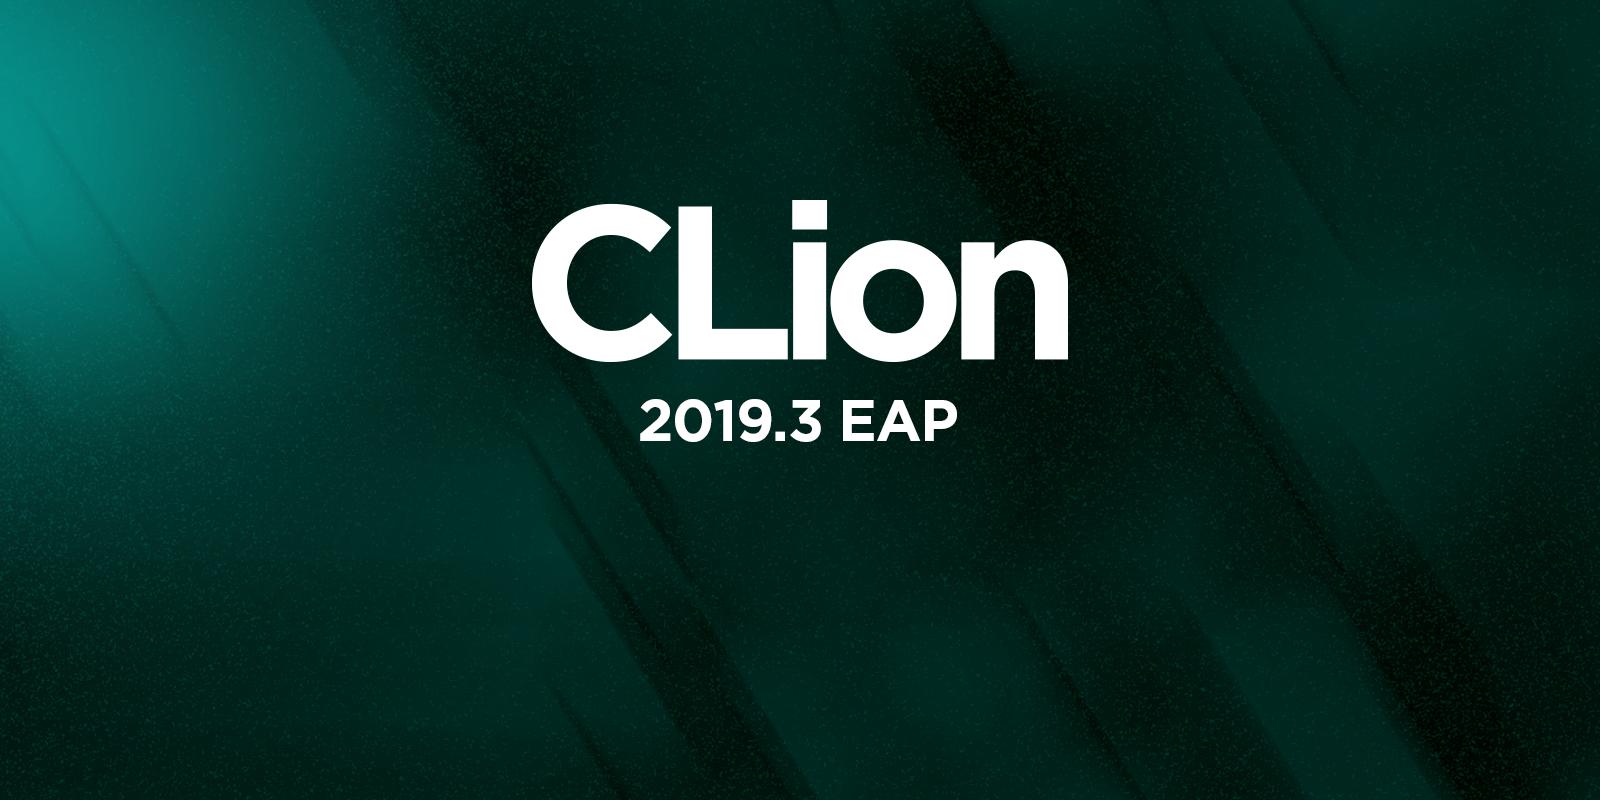 CLion 2019.3 EAP